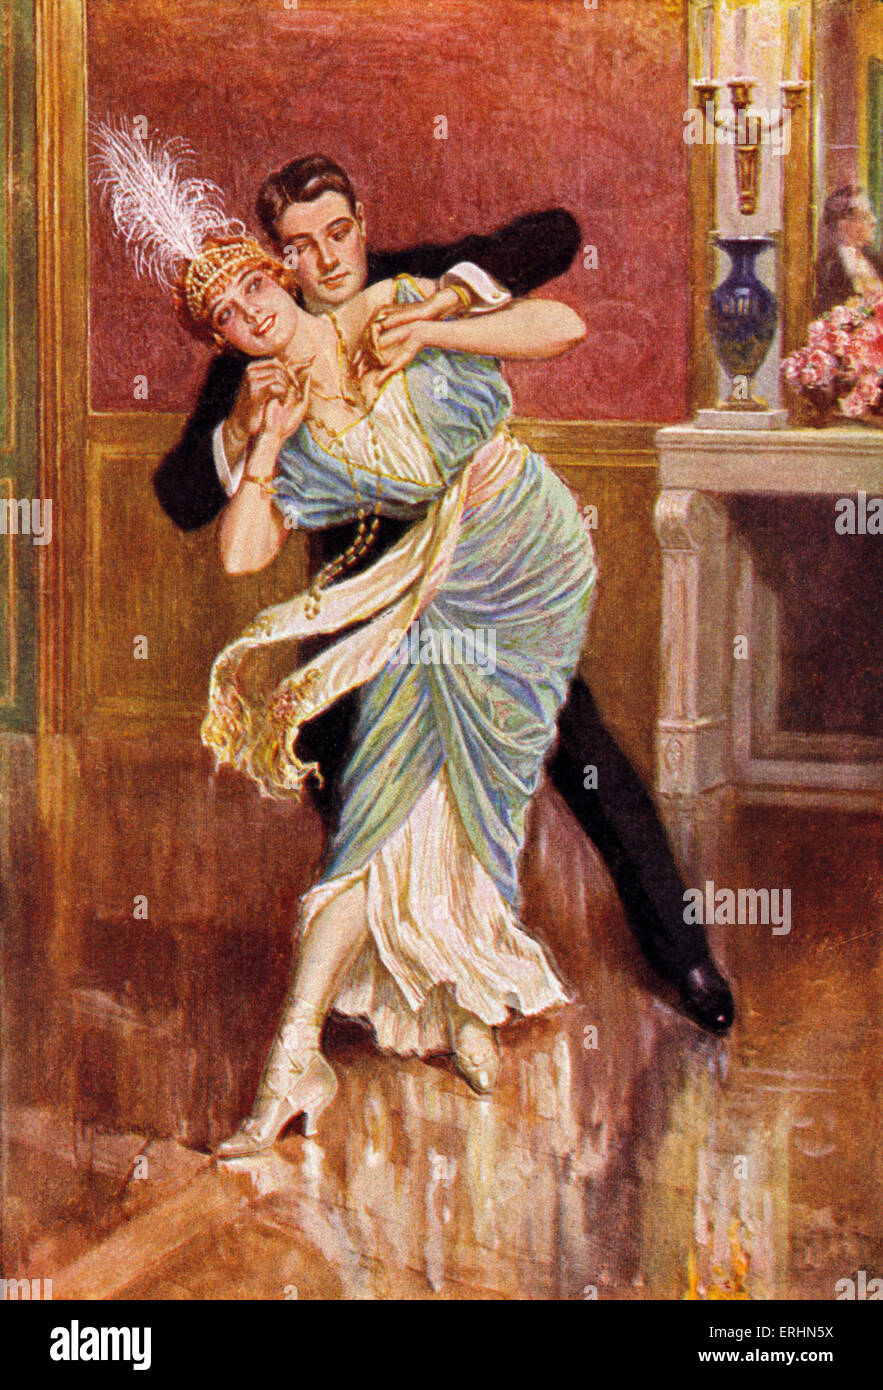 Paare tanzen in Wien Ende 19. Jh. Frau trägt eine Feder Kopfschmuck und lange Kette aus Perlen.  Bildunterschrift Stockfoto